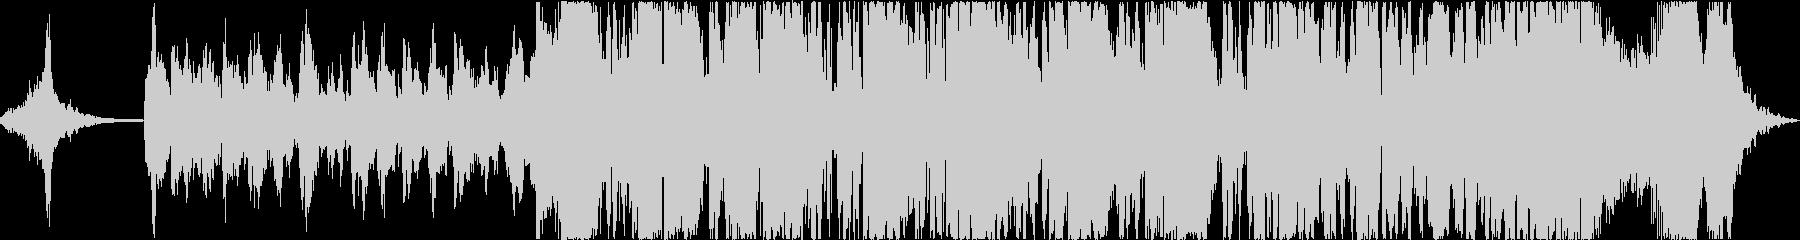 重厚なシネマティックサウンドの未再生の波形